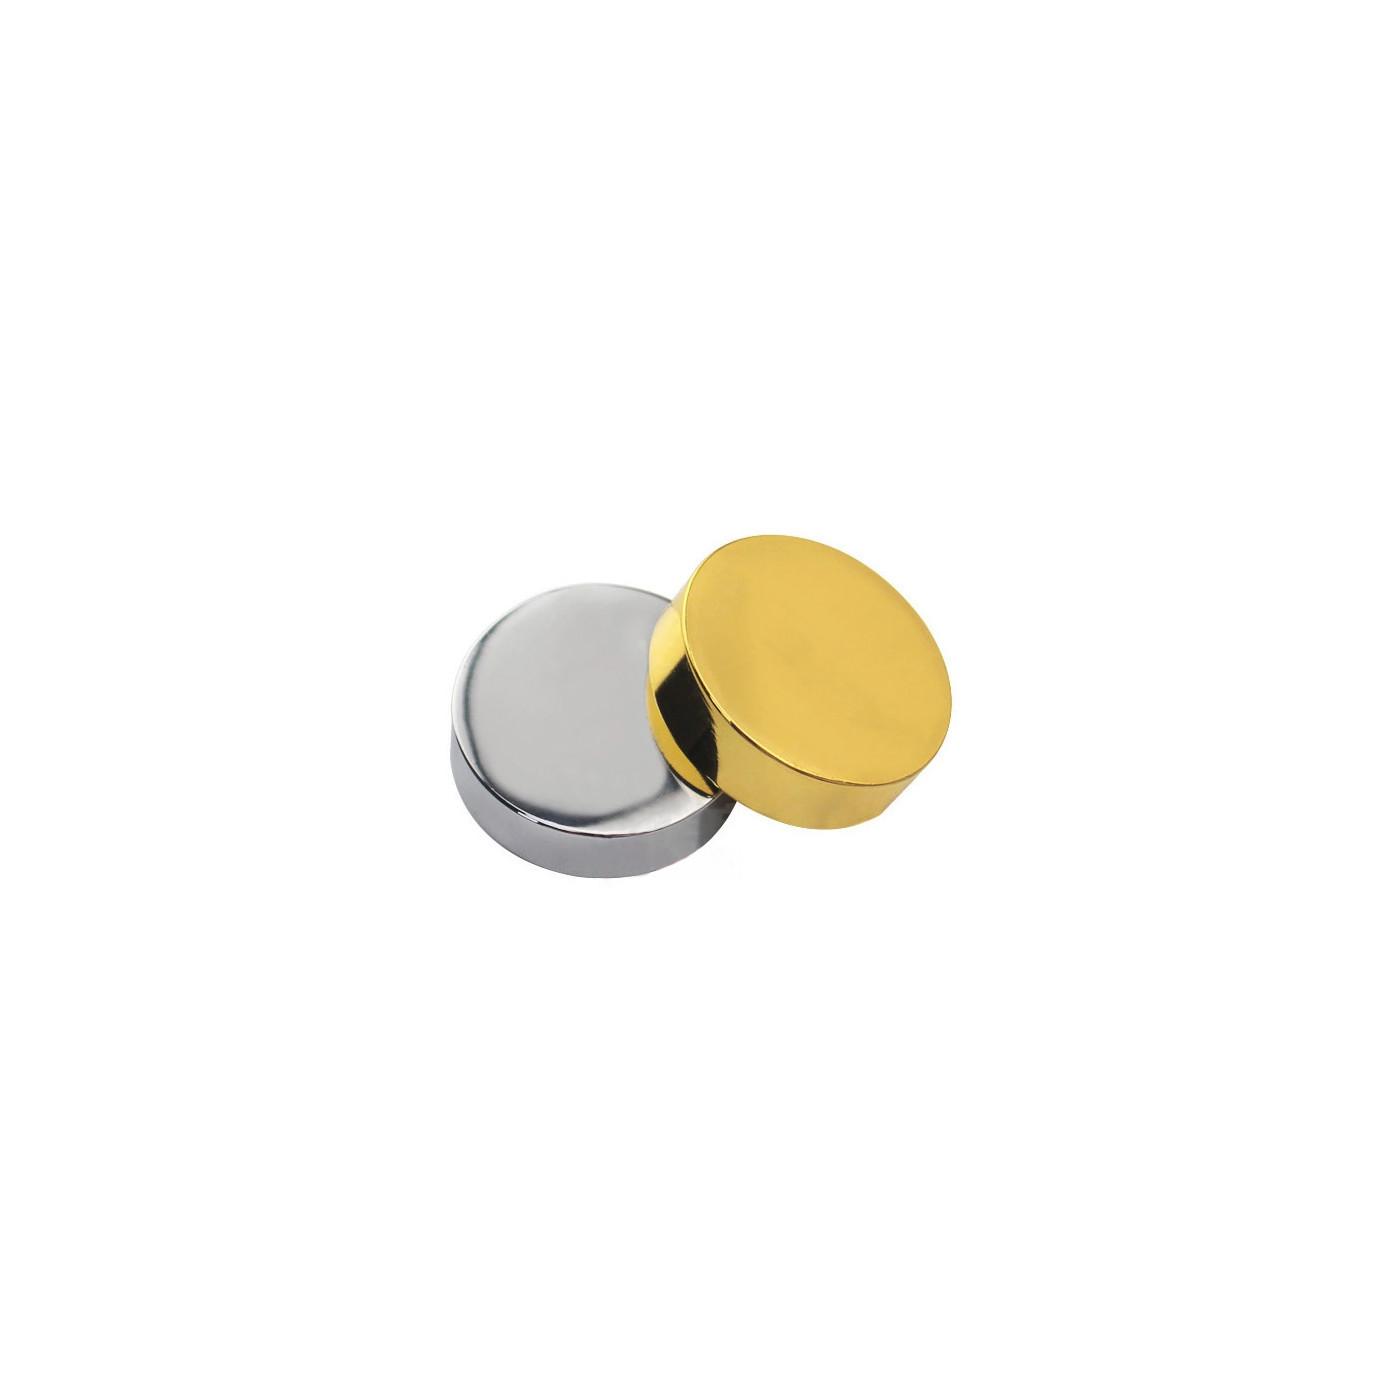 Set of 24 metal decorative caps, gold 11.5x5.0 mm